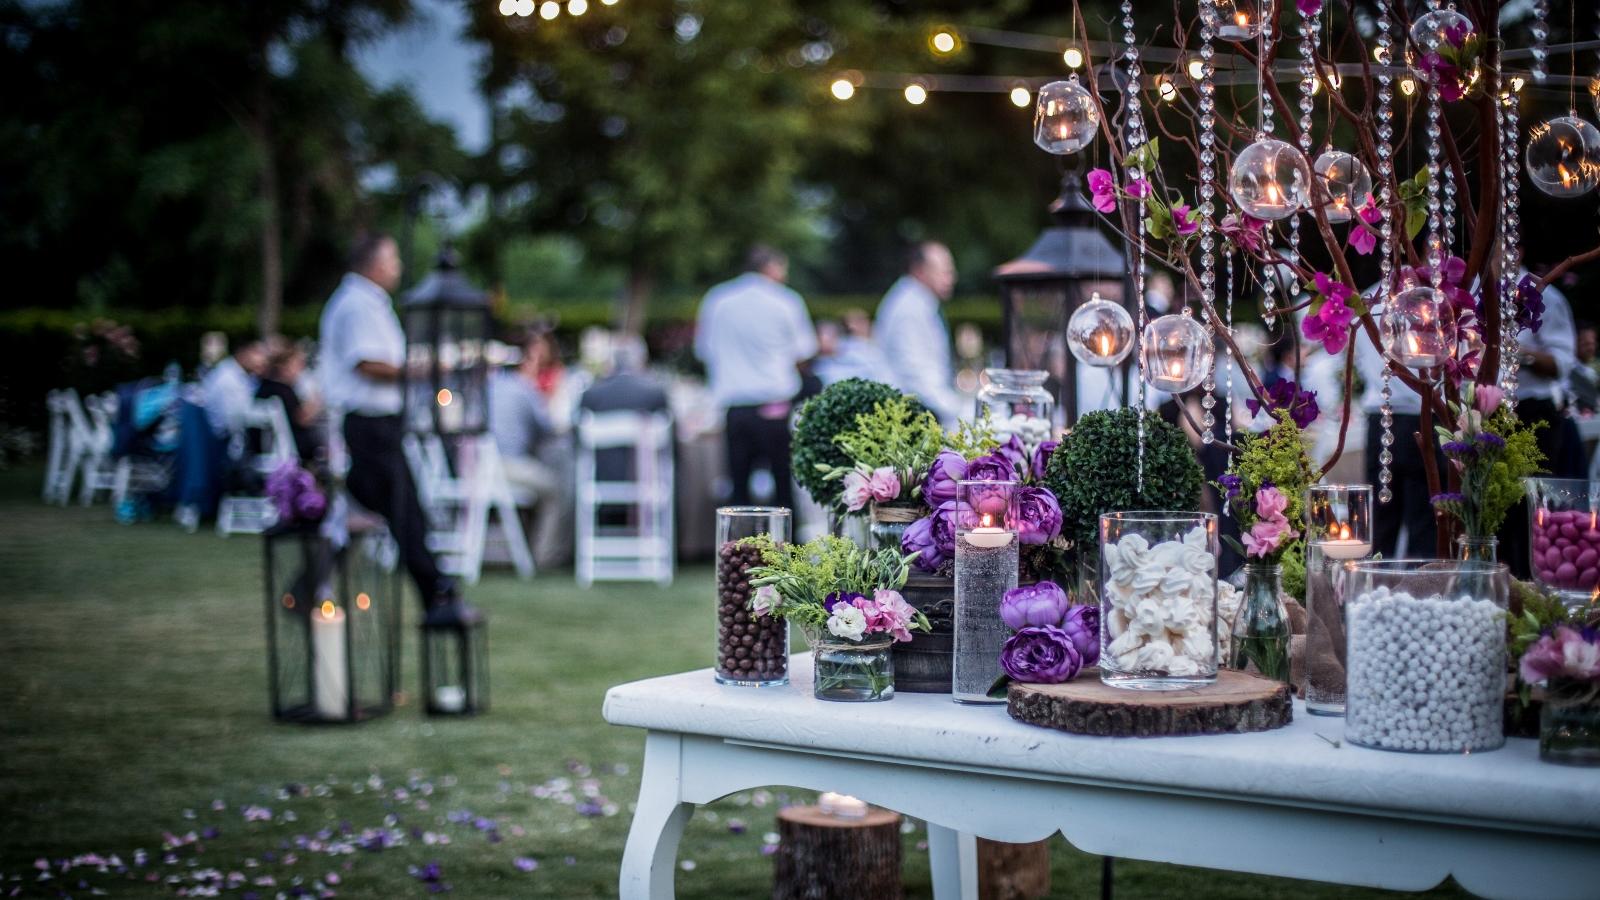 Tips to Beat Seasonal Allergies at Summer Weddings